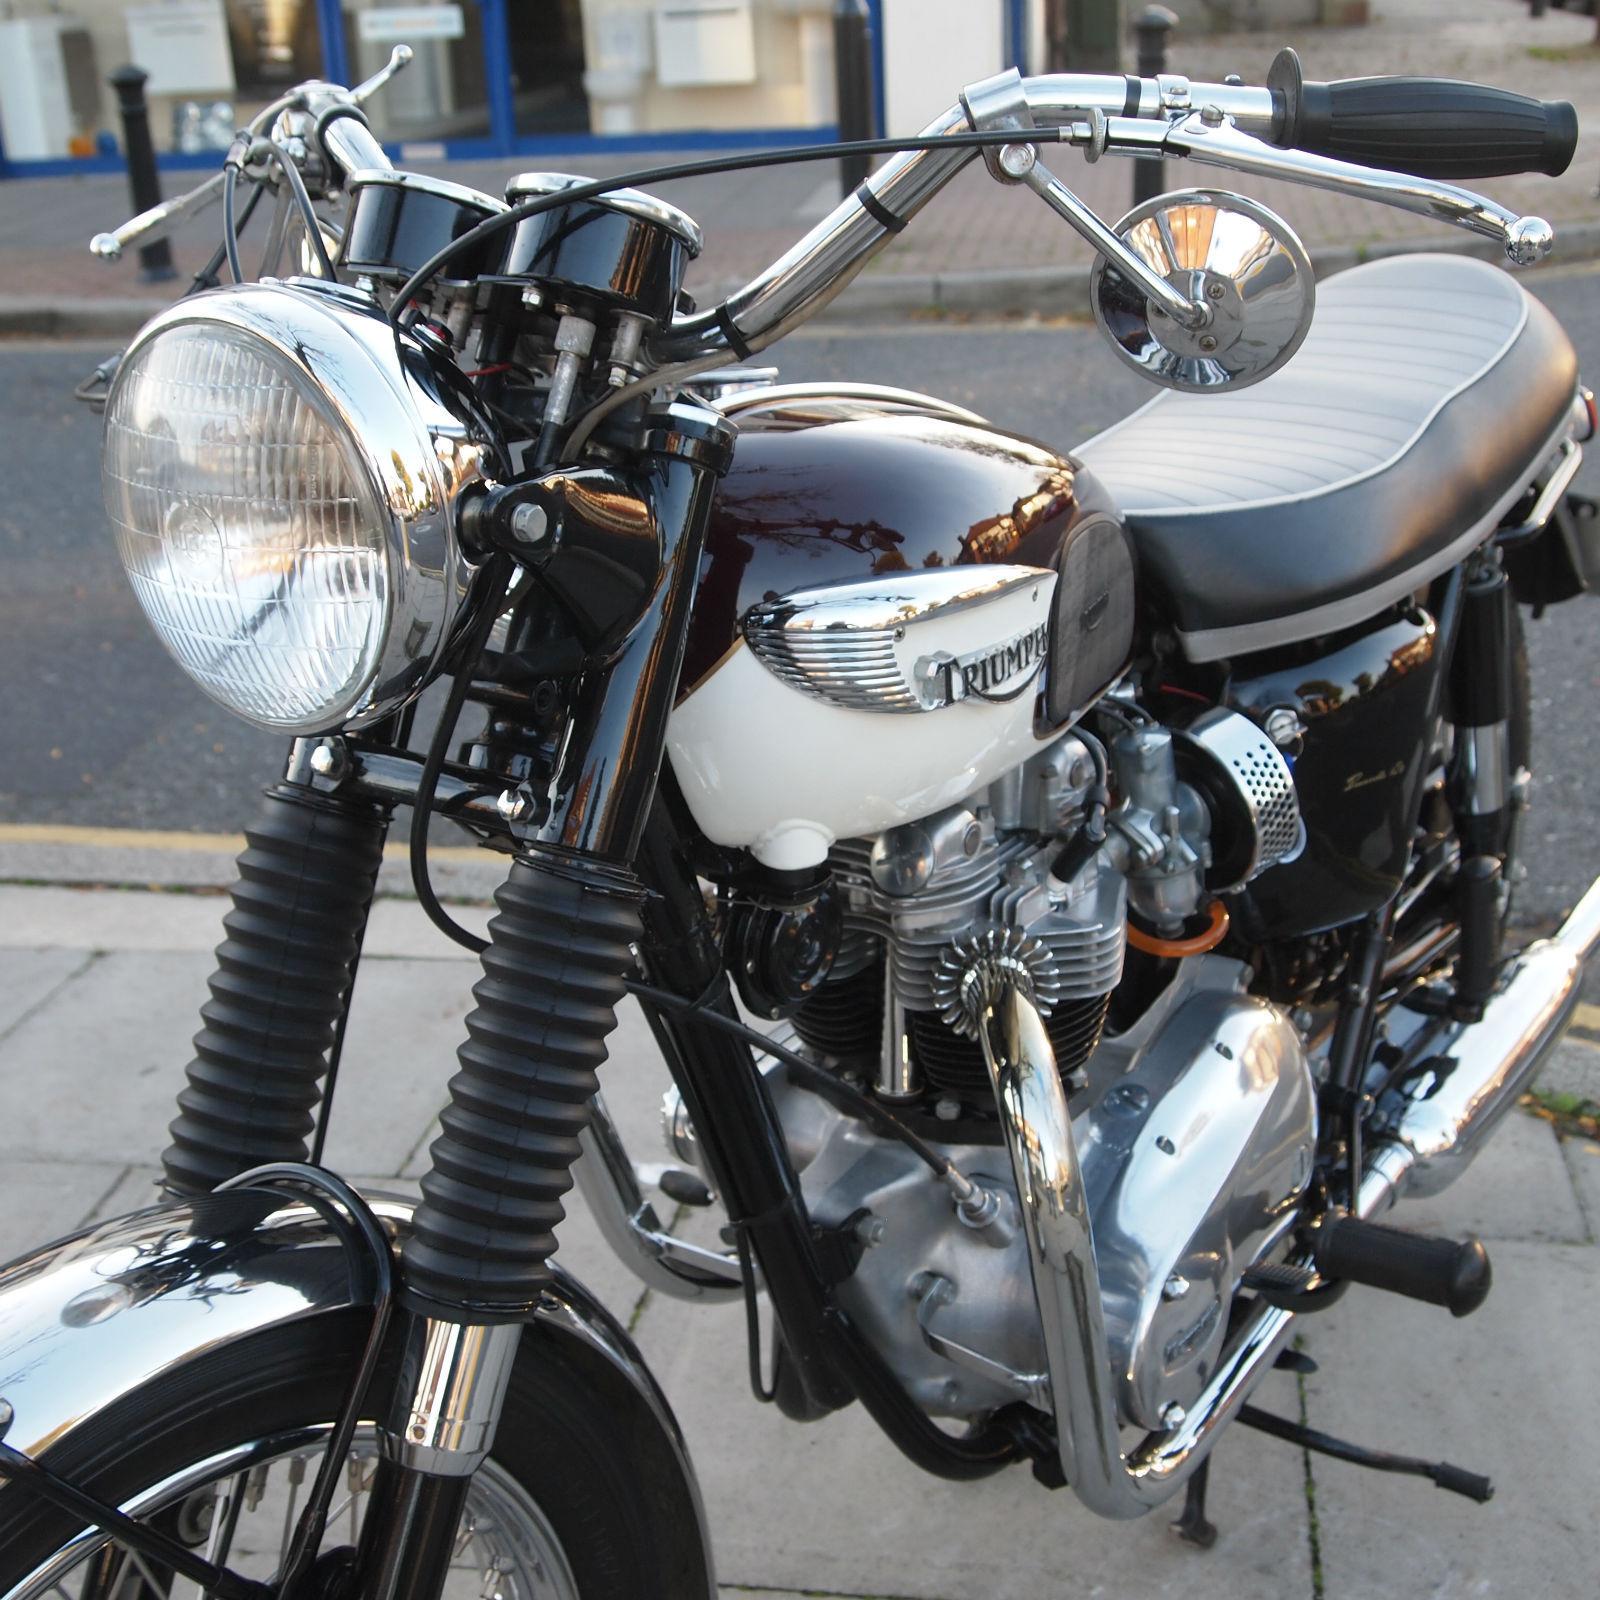 1966 Triumph Bonneville T120 R Won Best Bonneville At Gaydon Out